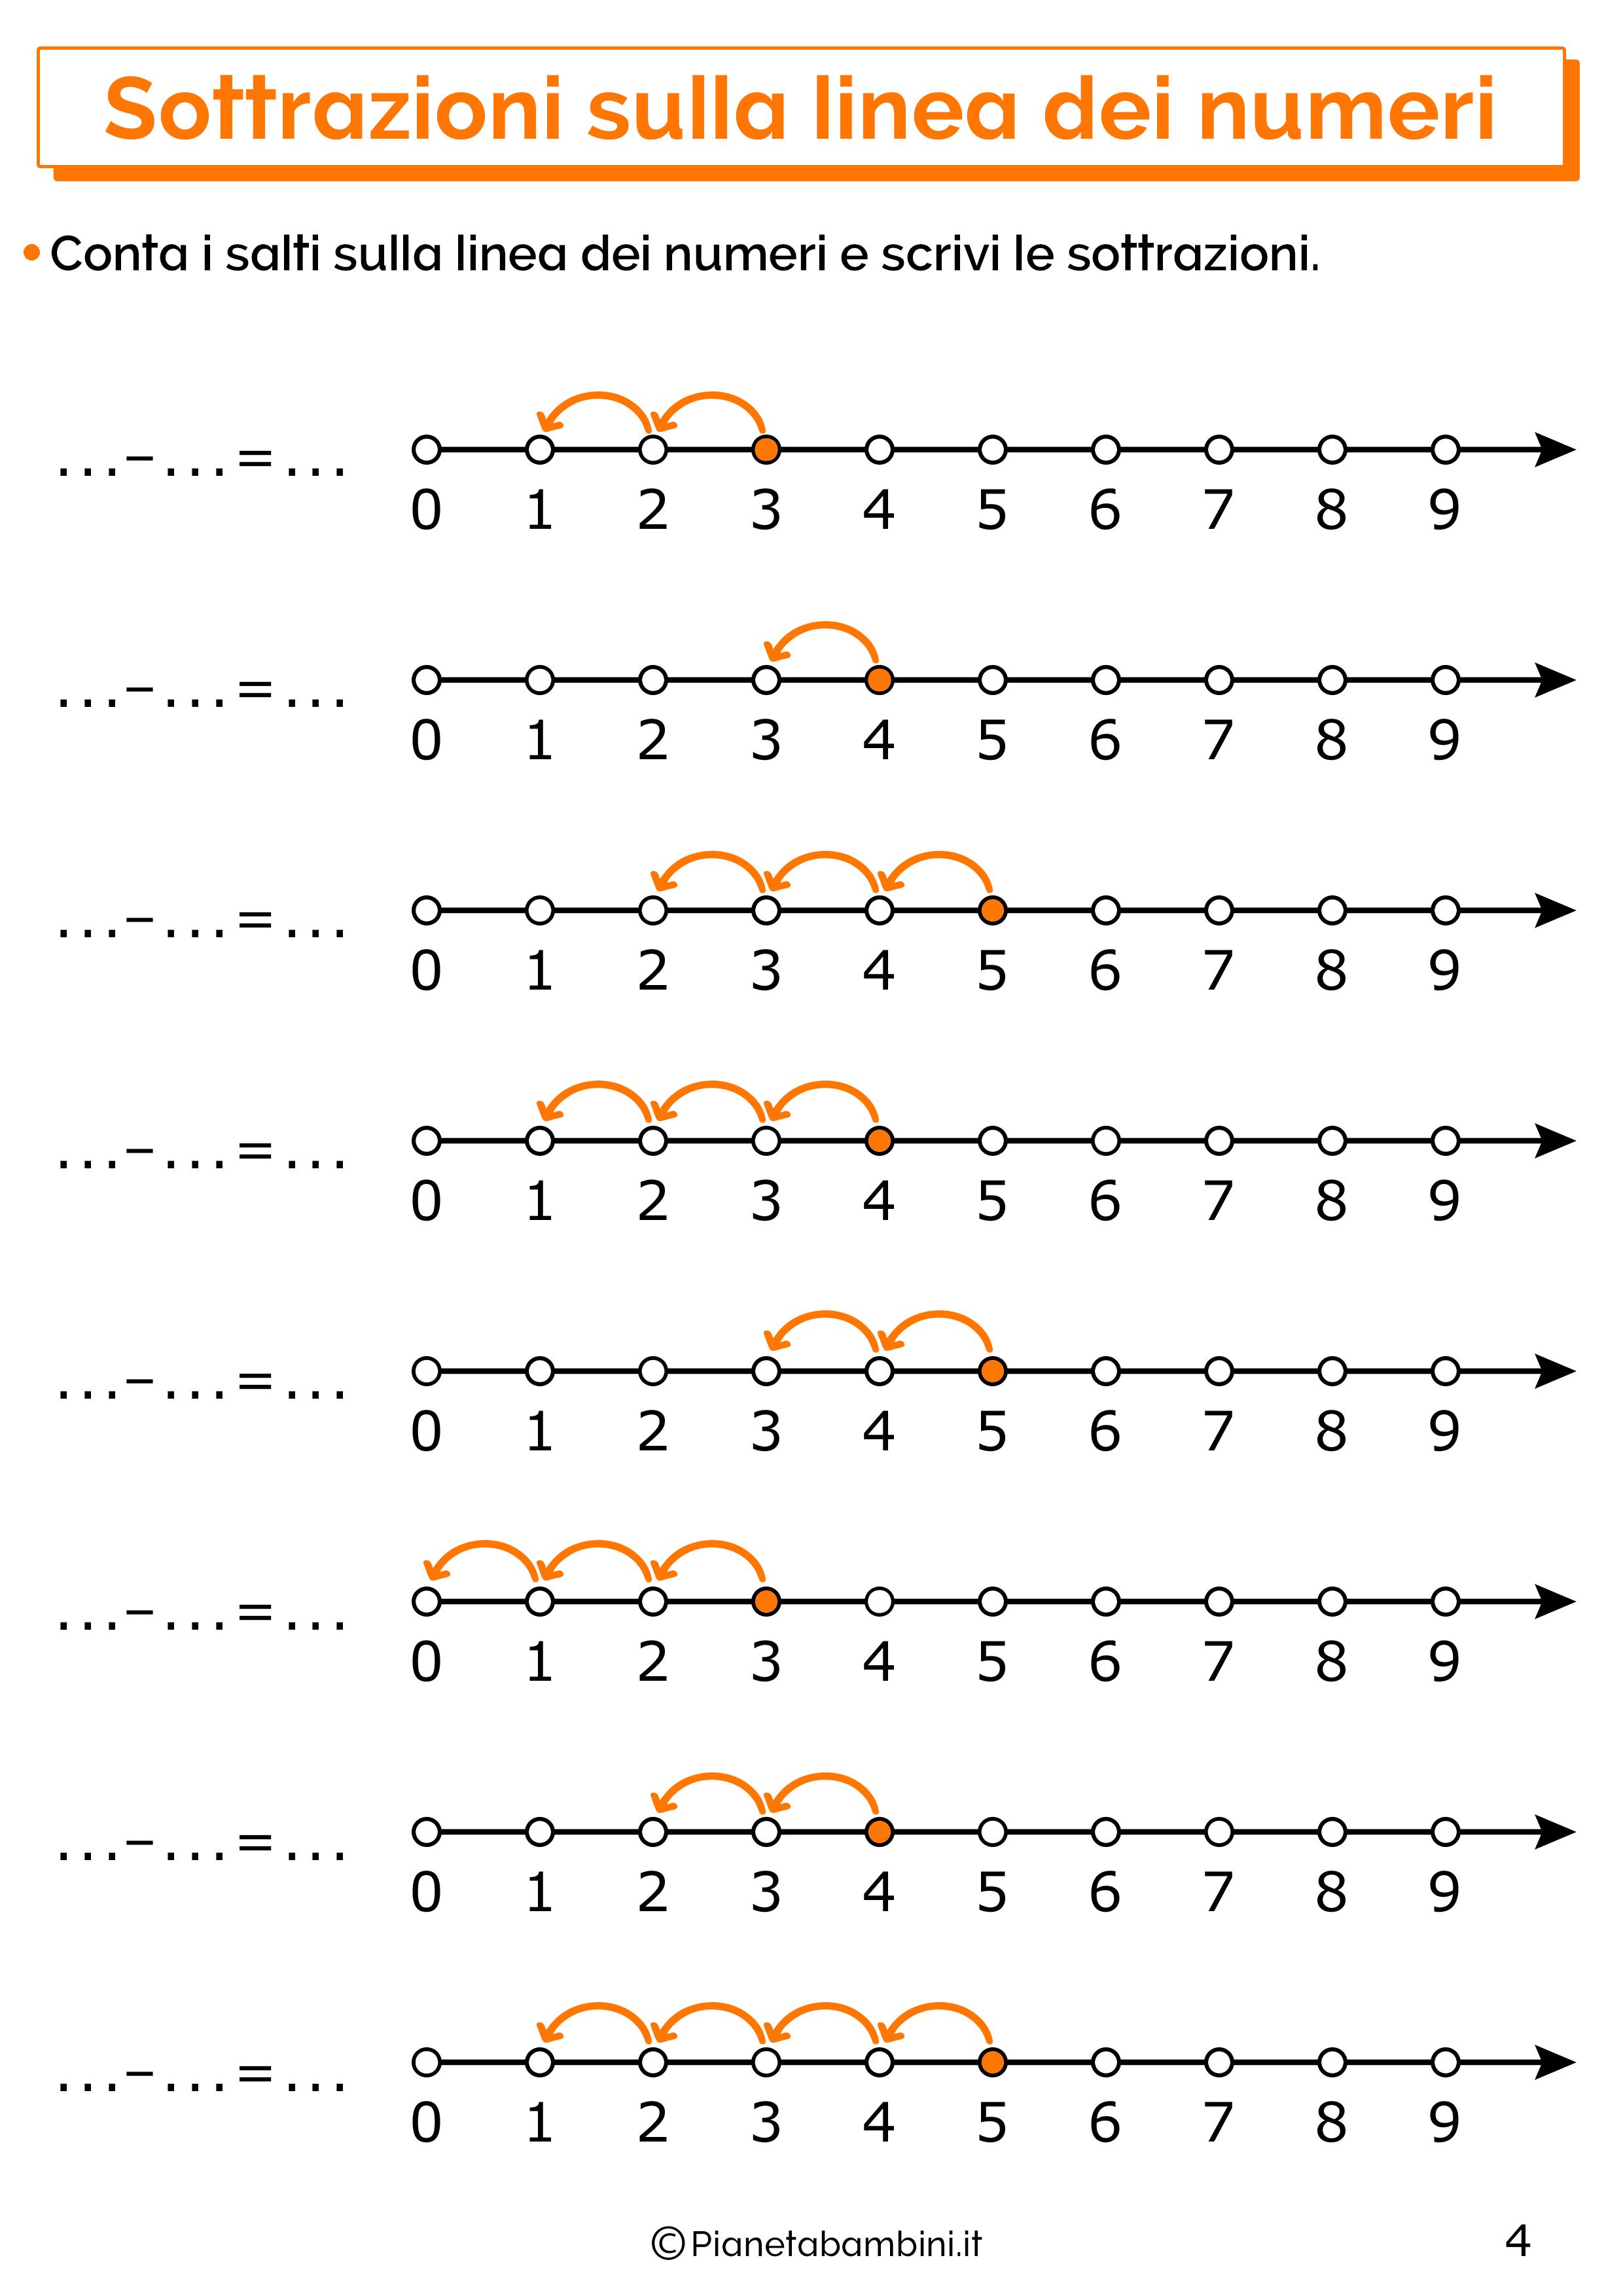 Esercizi sulle sottrazioni sulla linea dei numeri 04